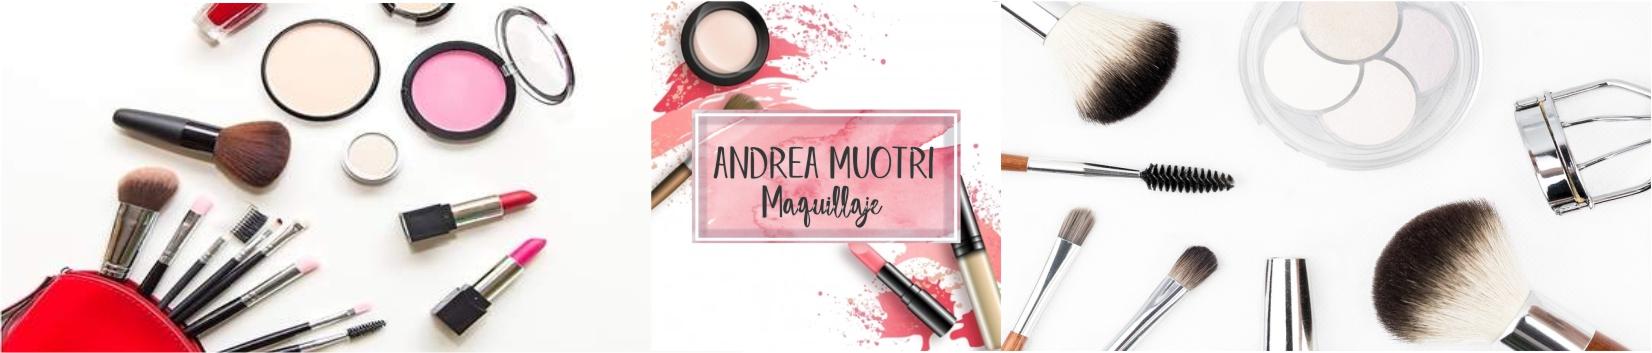 MAKE-UP MUOTRI ANDREA